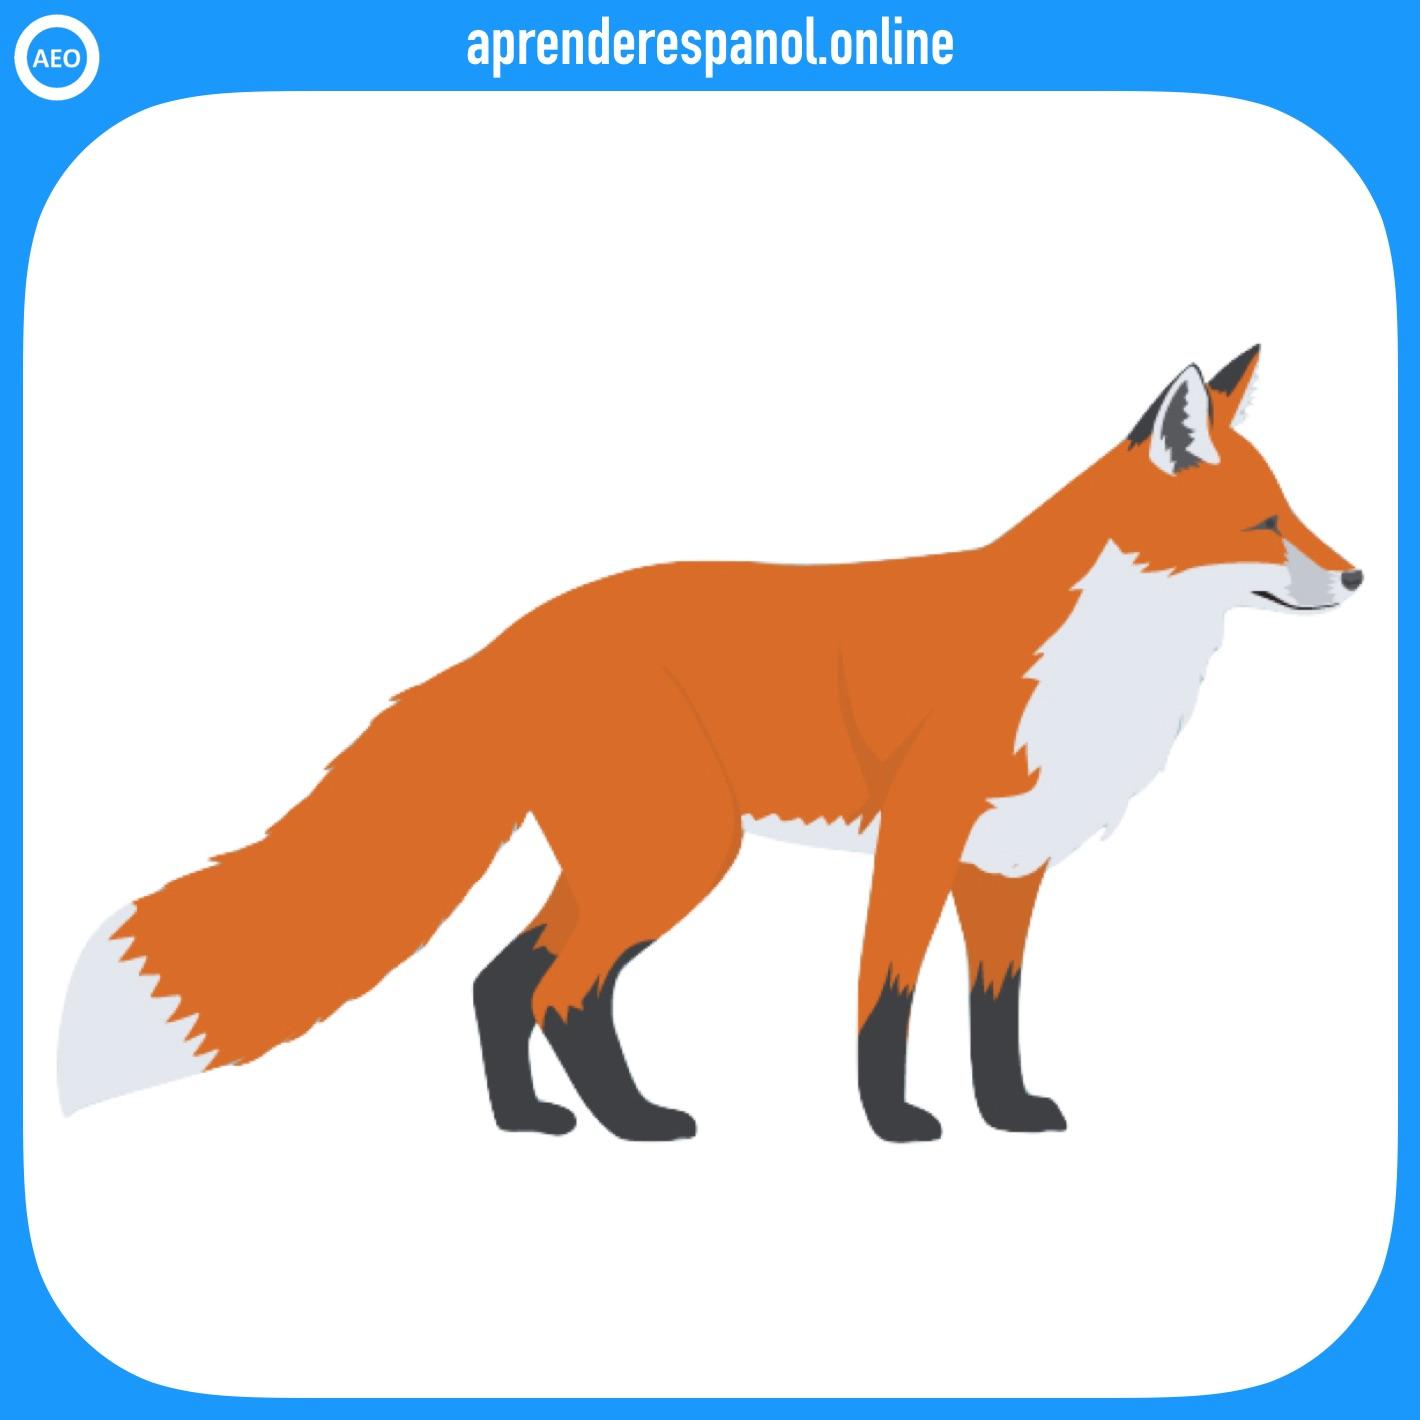 zorro | animales en español | vocabulario de los animales en español